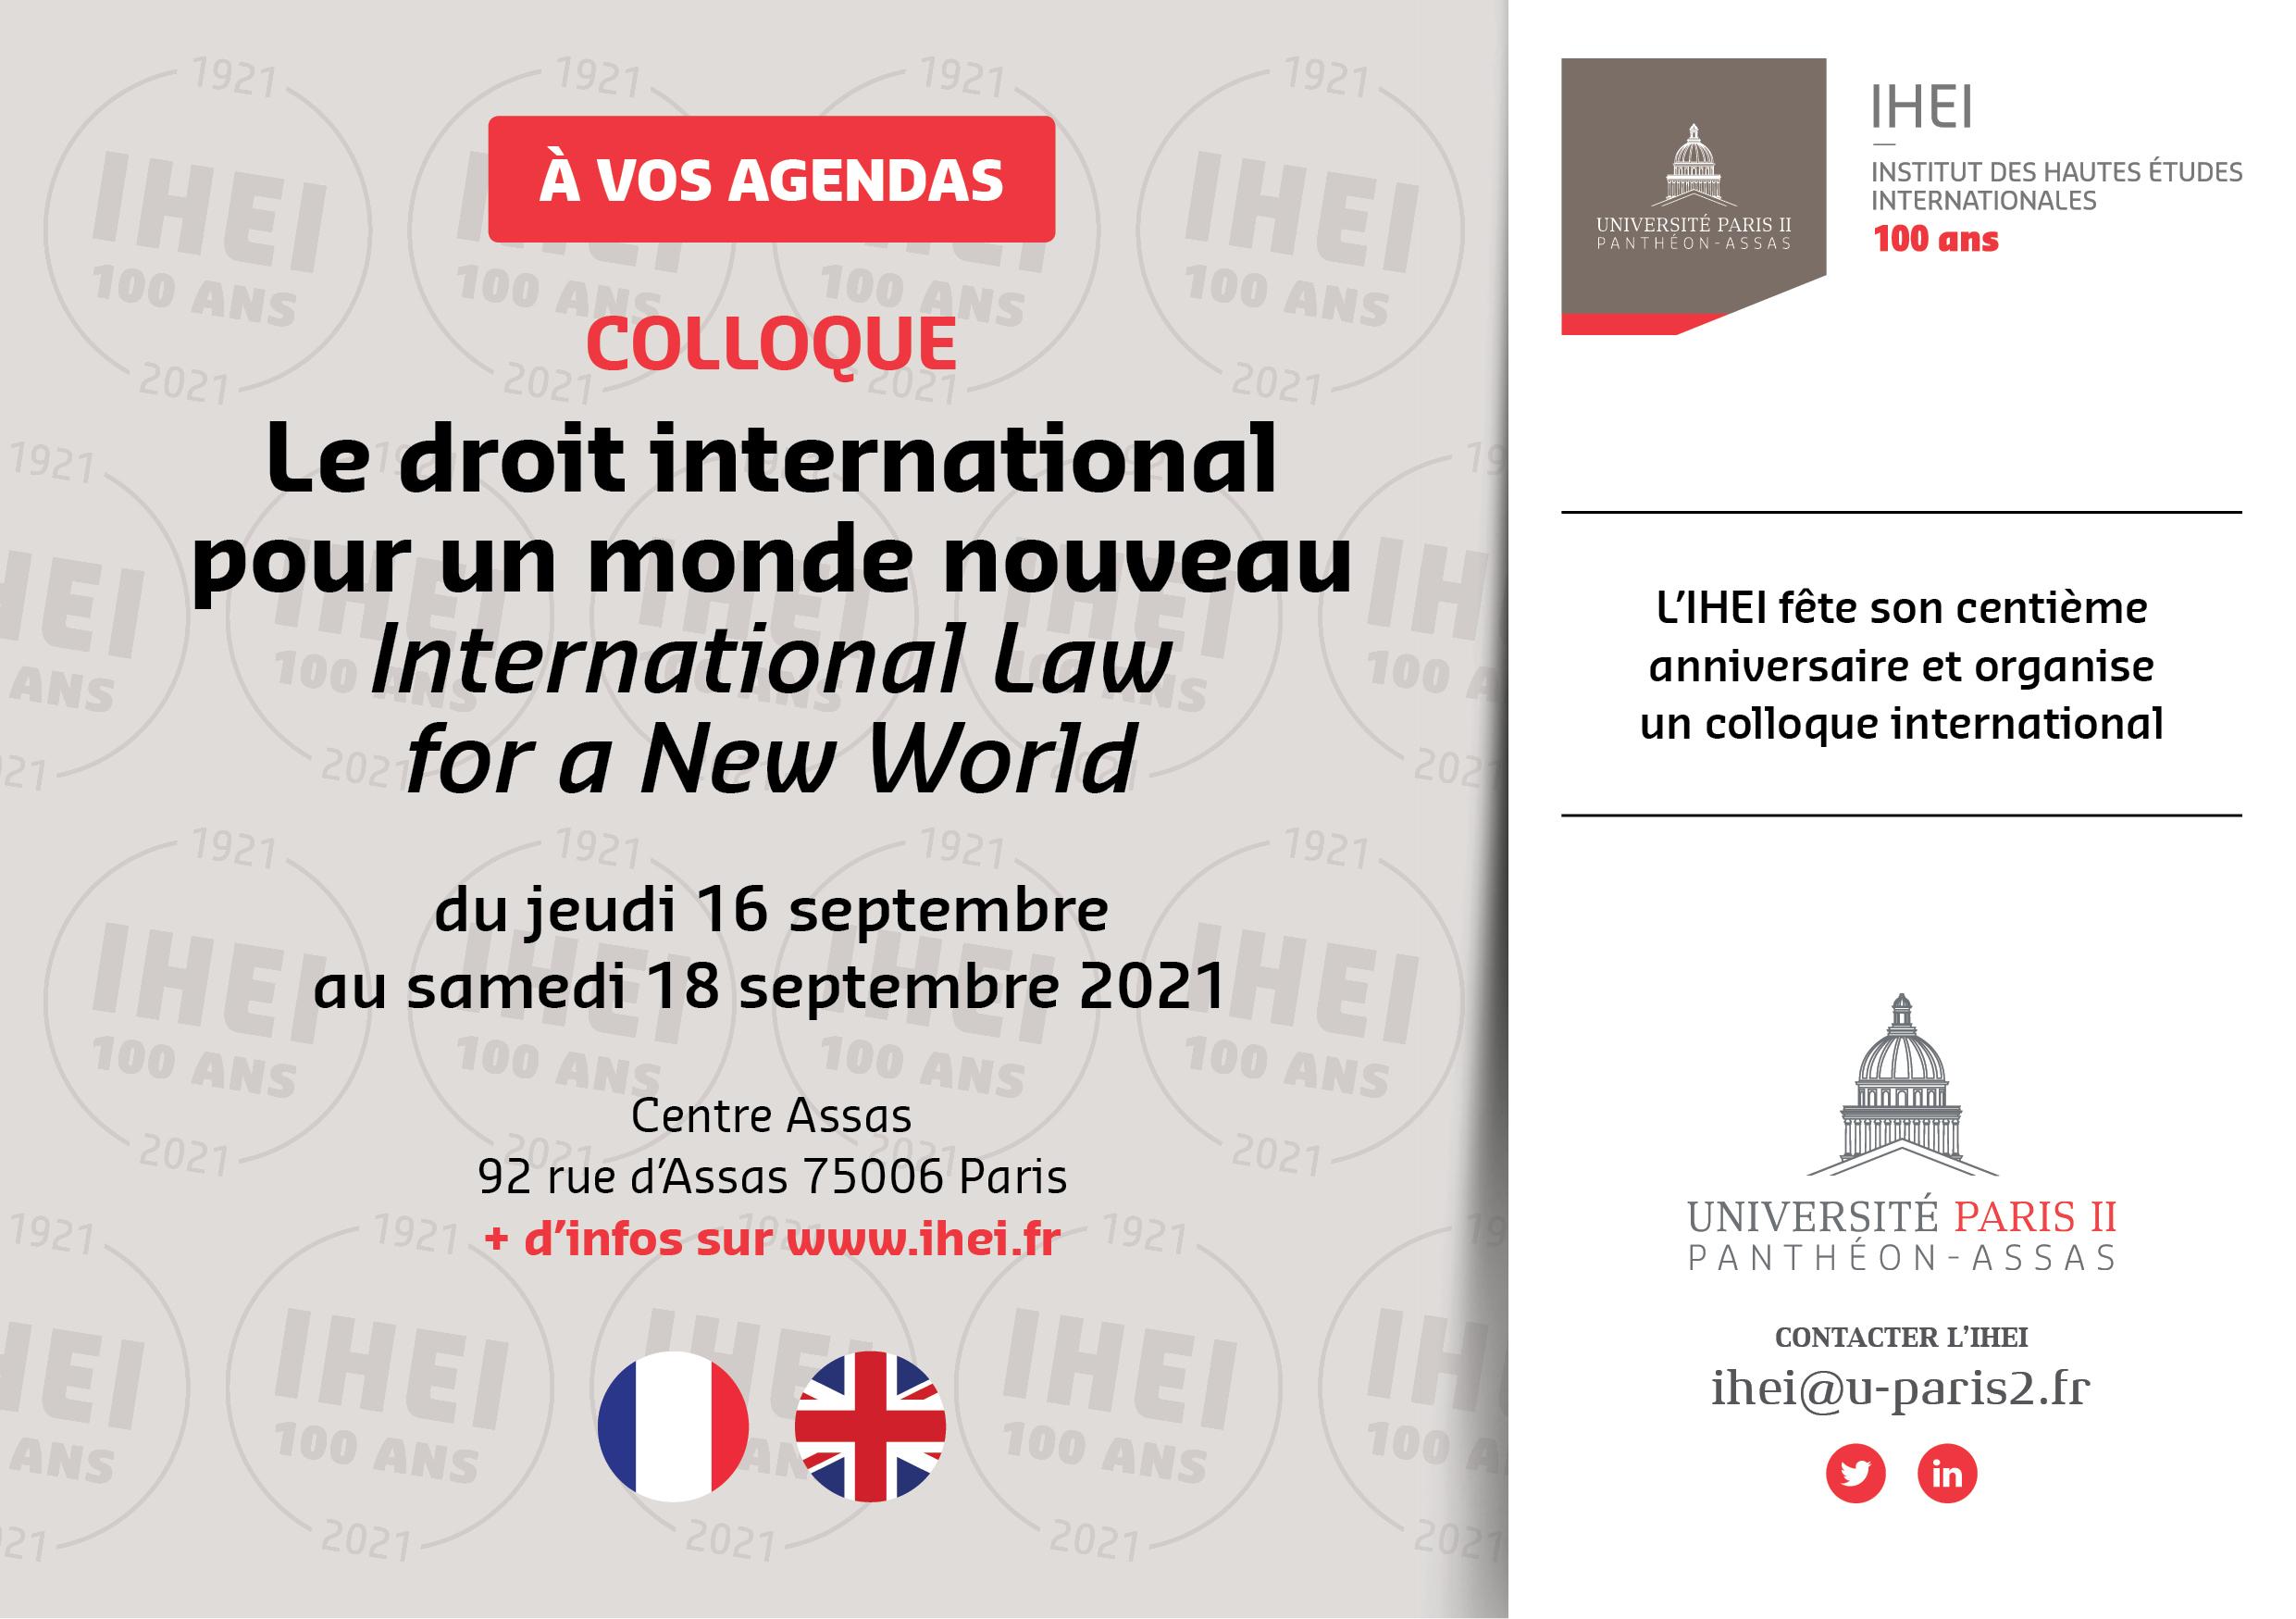 Flyer 100 ans de l'IHEI : le droit international pour un nouveau monde / International Law for a New World